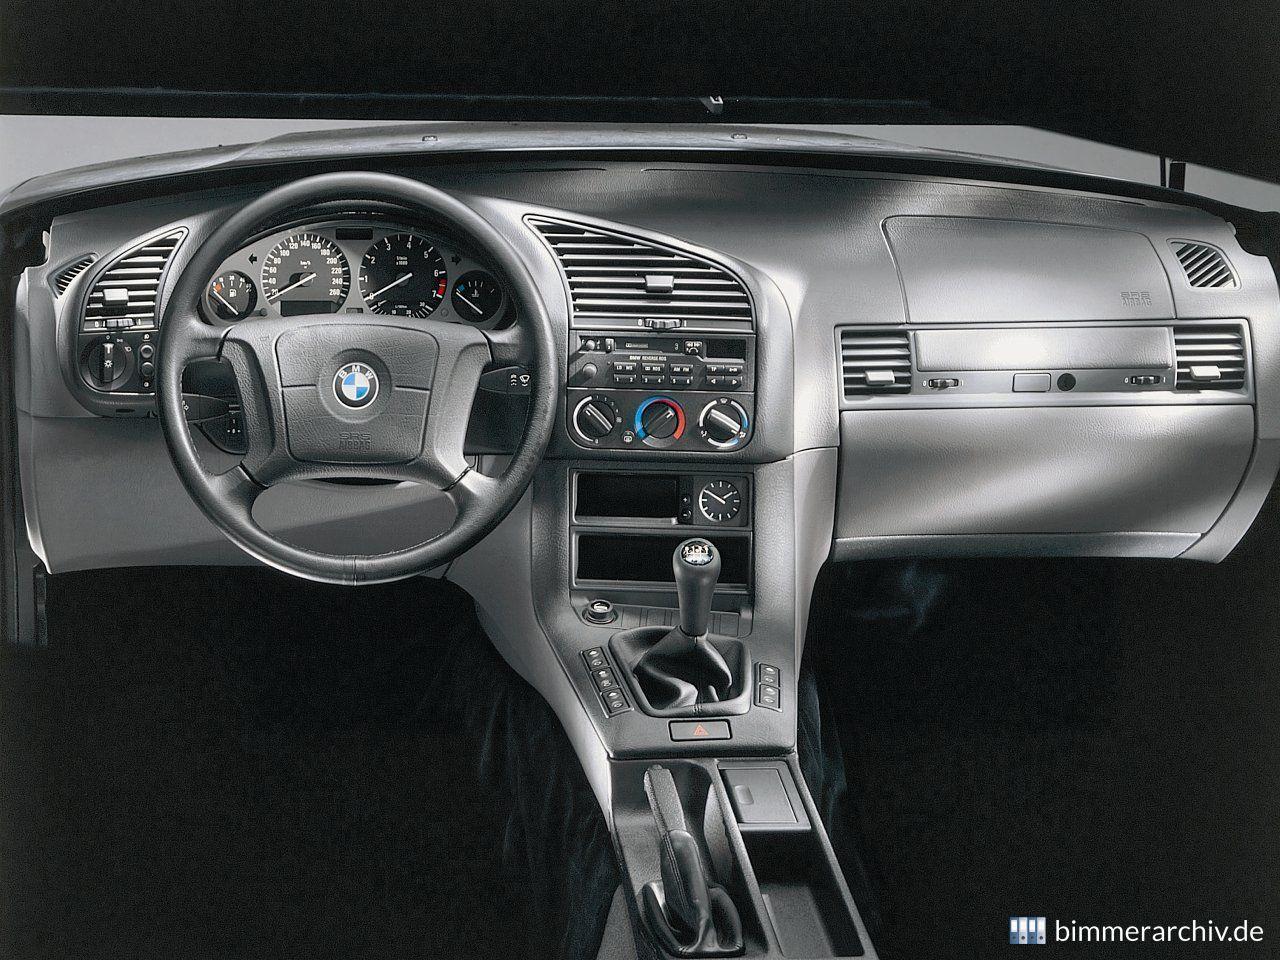 Baureihenarchiv für BMW Fahrzeuge · BMW 3er Interieur · bimmerarchiv.de